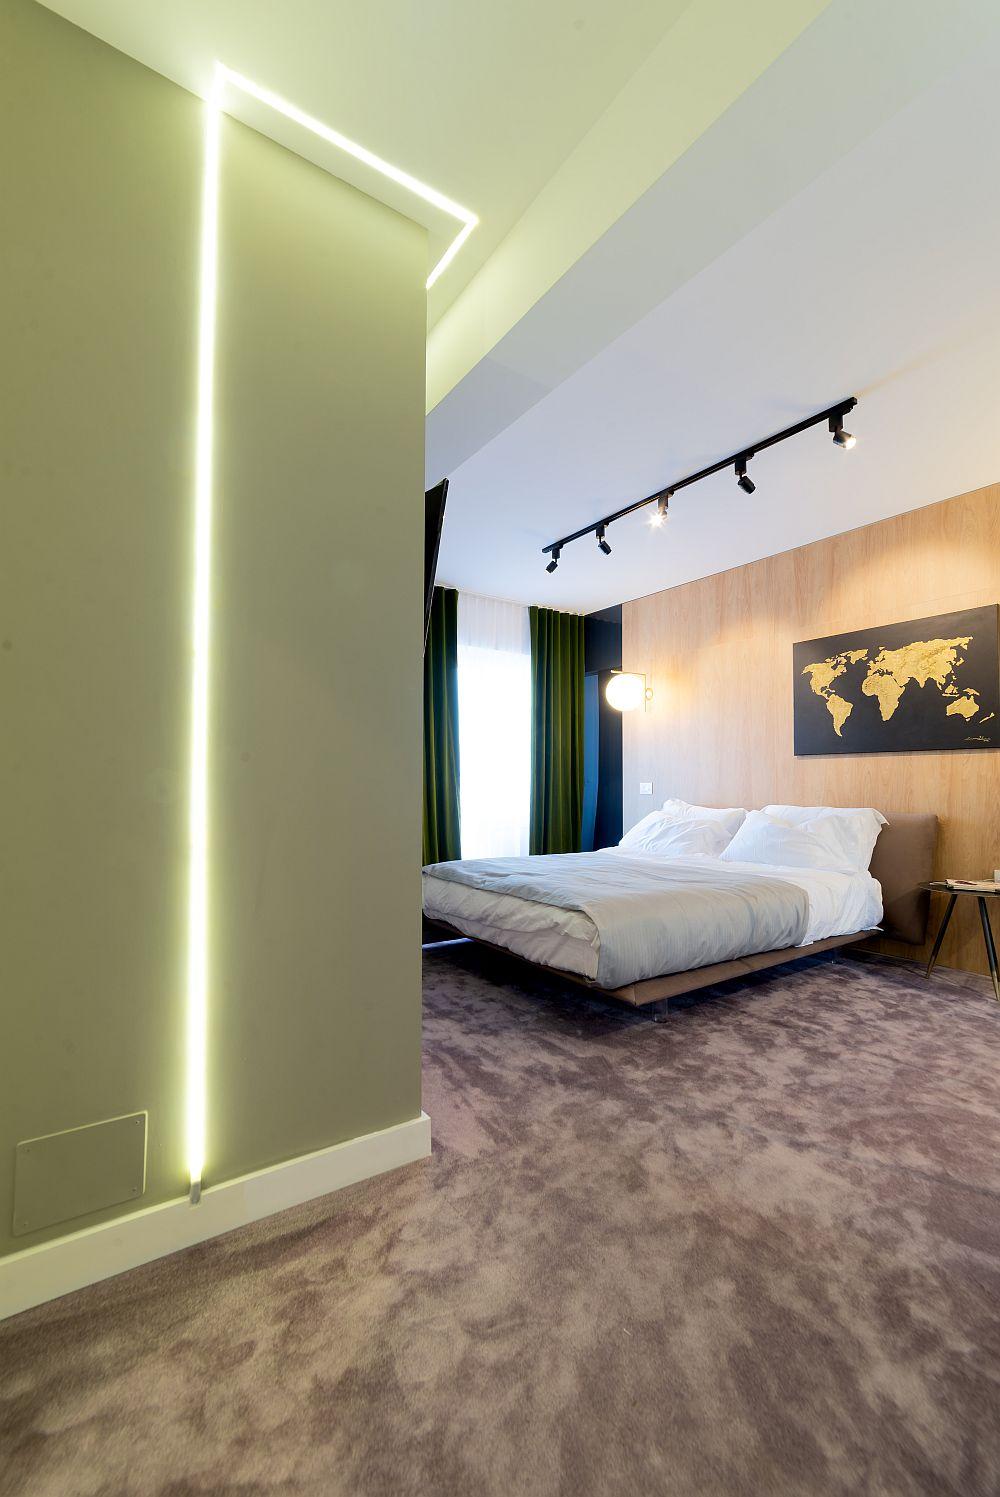 """Patul din dormitorul matrimonial are picioare transparente, pentru a da impresia că plutește peste mocheta catifelată achiziționată de la """"Construma"""" din Cluj."""